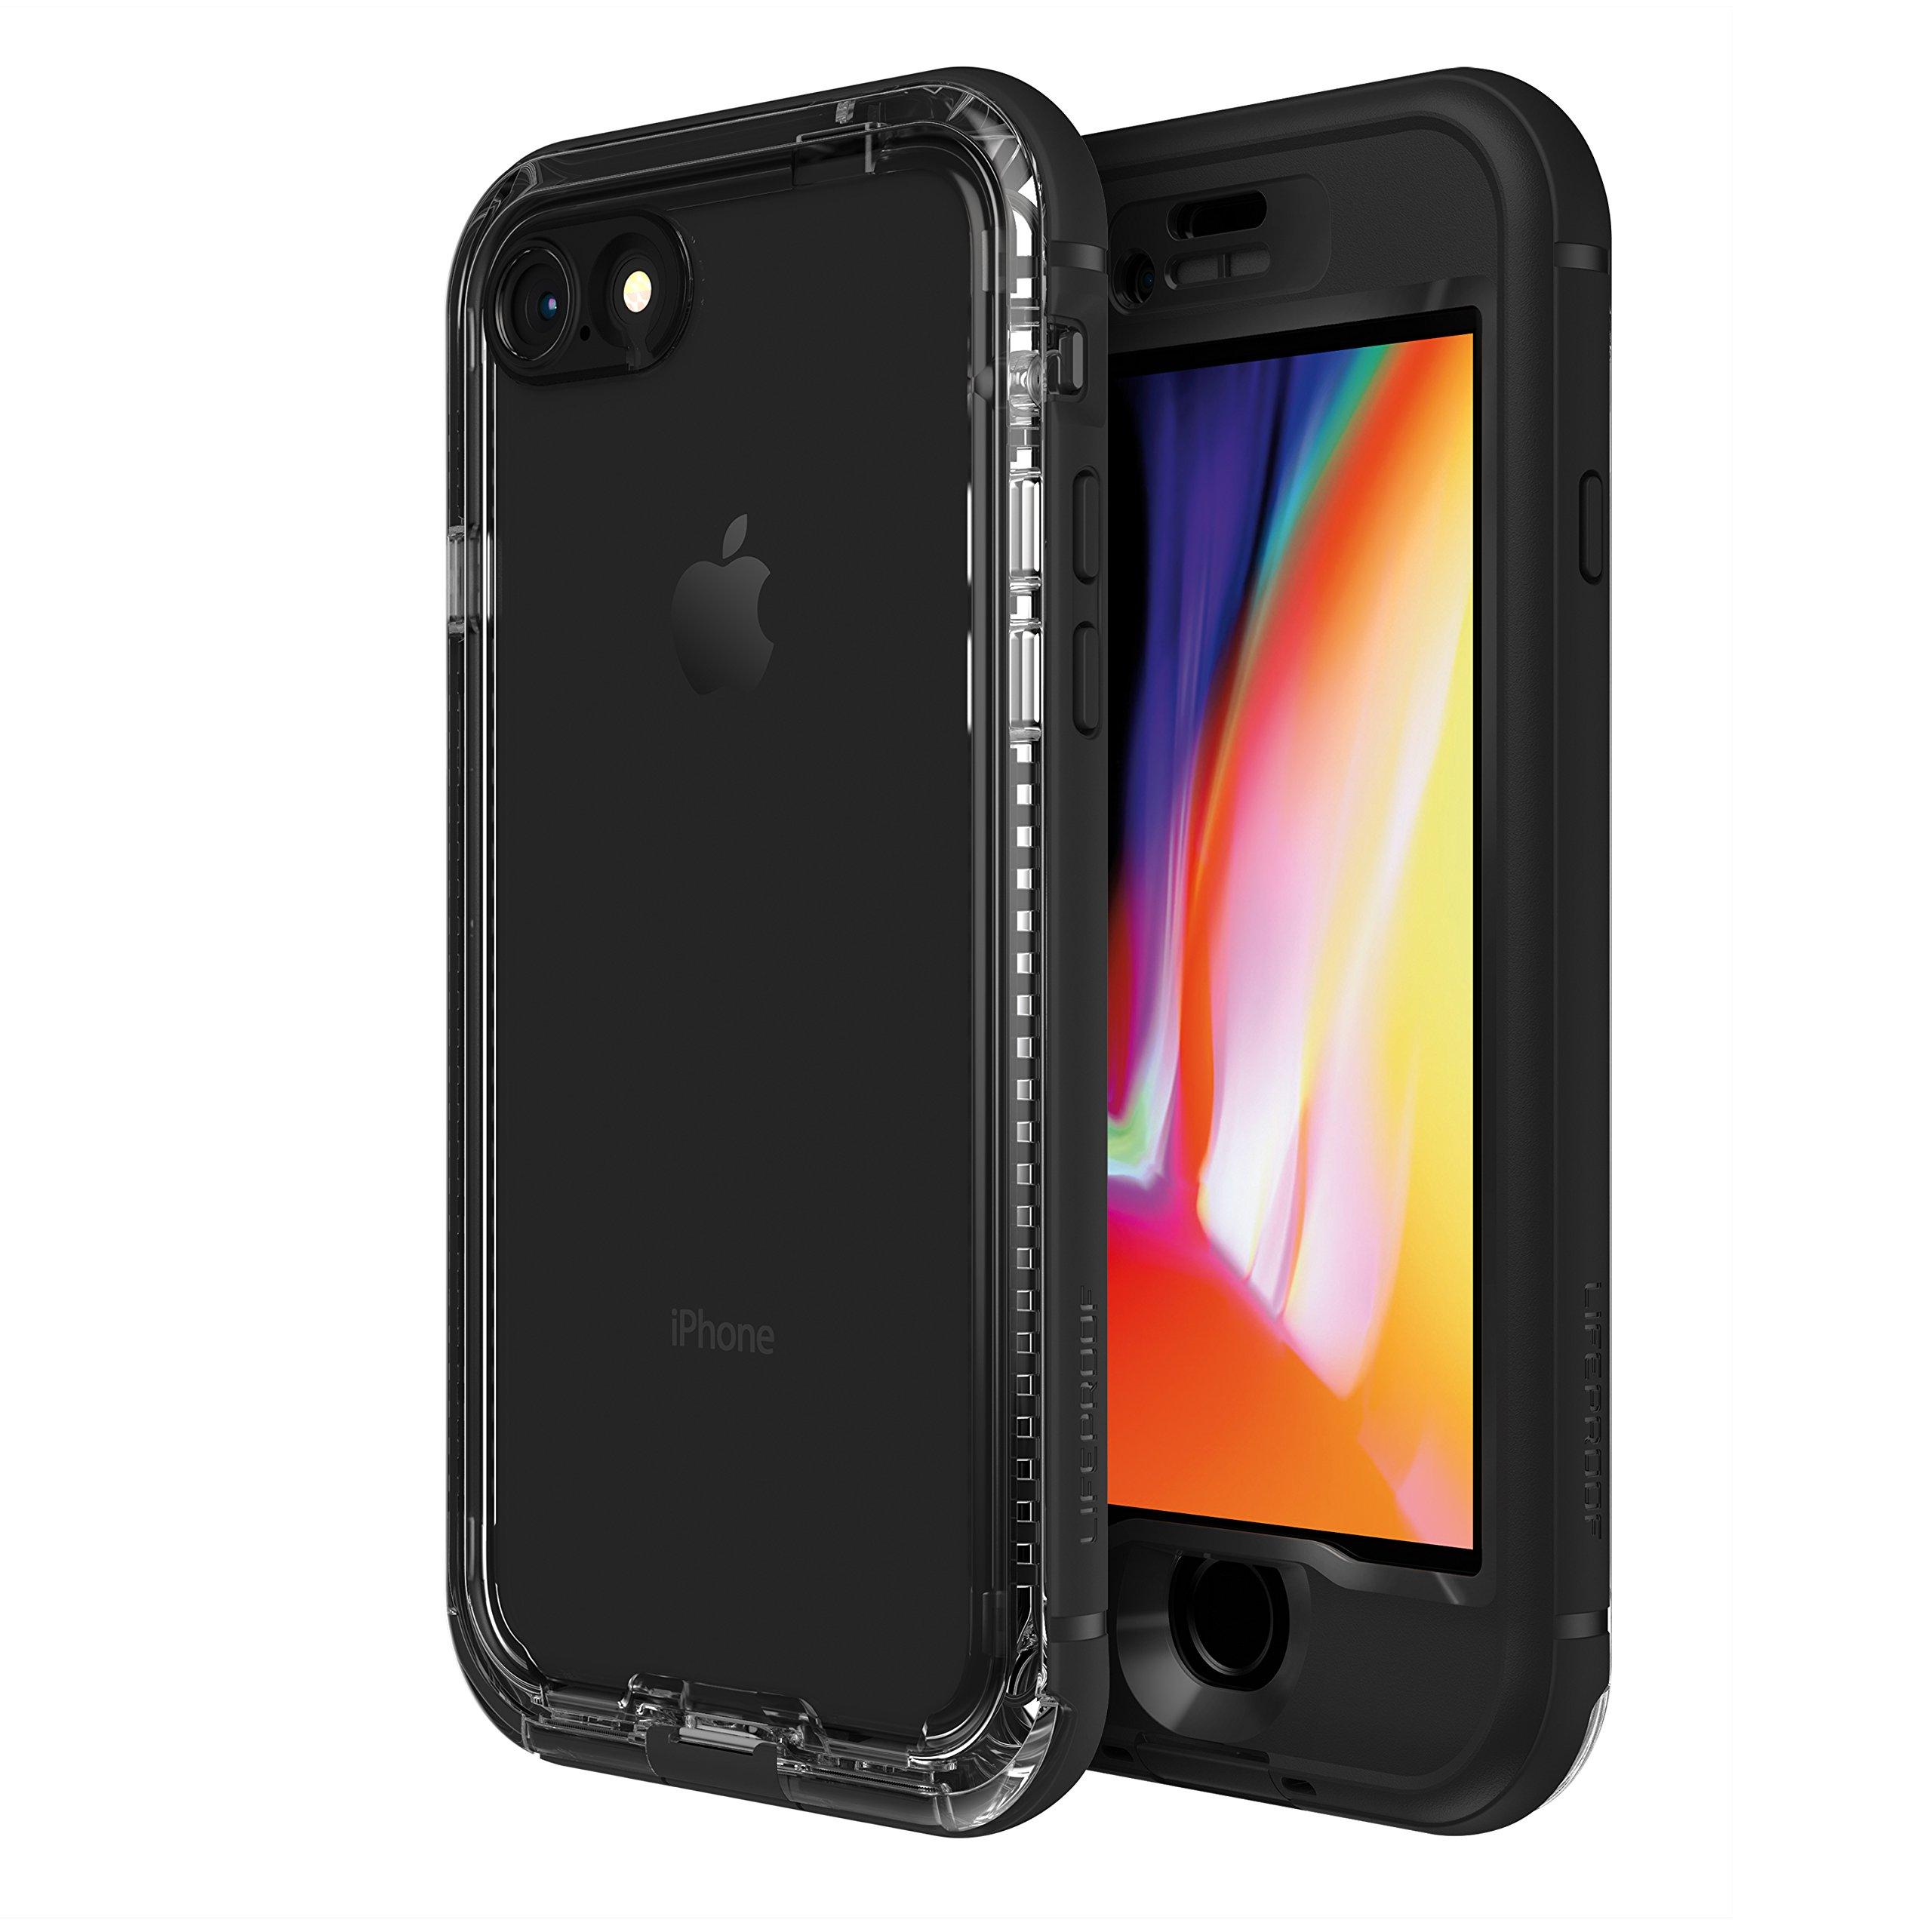 LifeProof NÜÜD SERIES Waterproof Case for iPhone 8 (ONLY) - Retail Packaging - BLACK by LifeProof